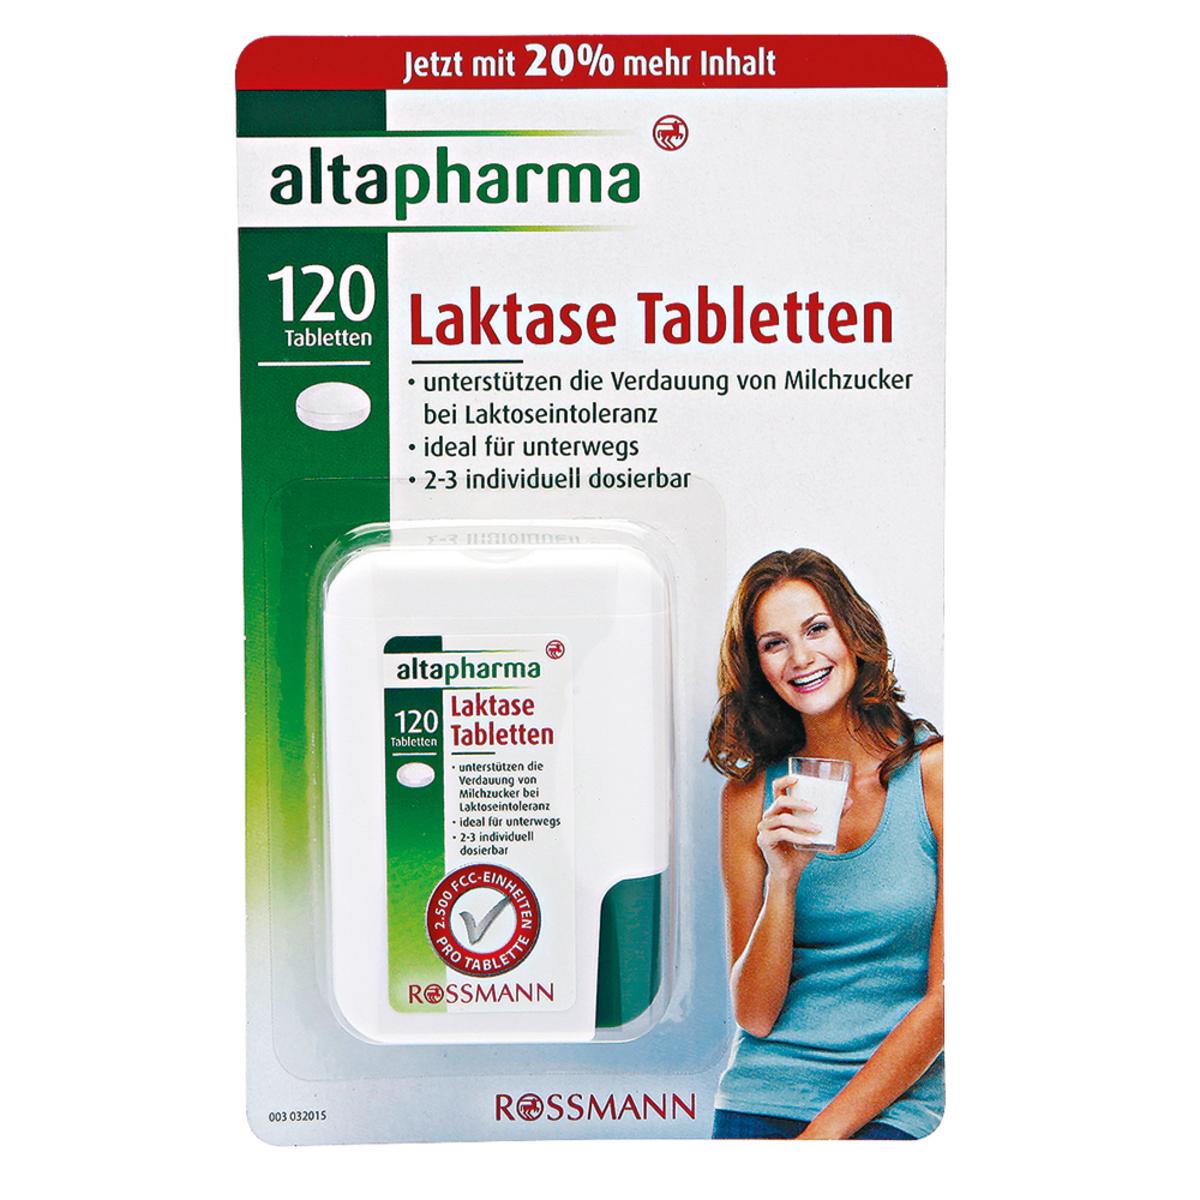 Bild 1 von altapharma              Laktase Tabletten im Spender